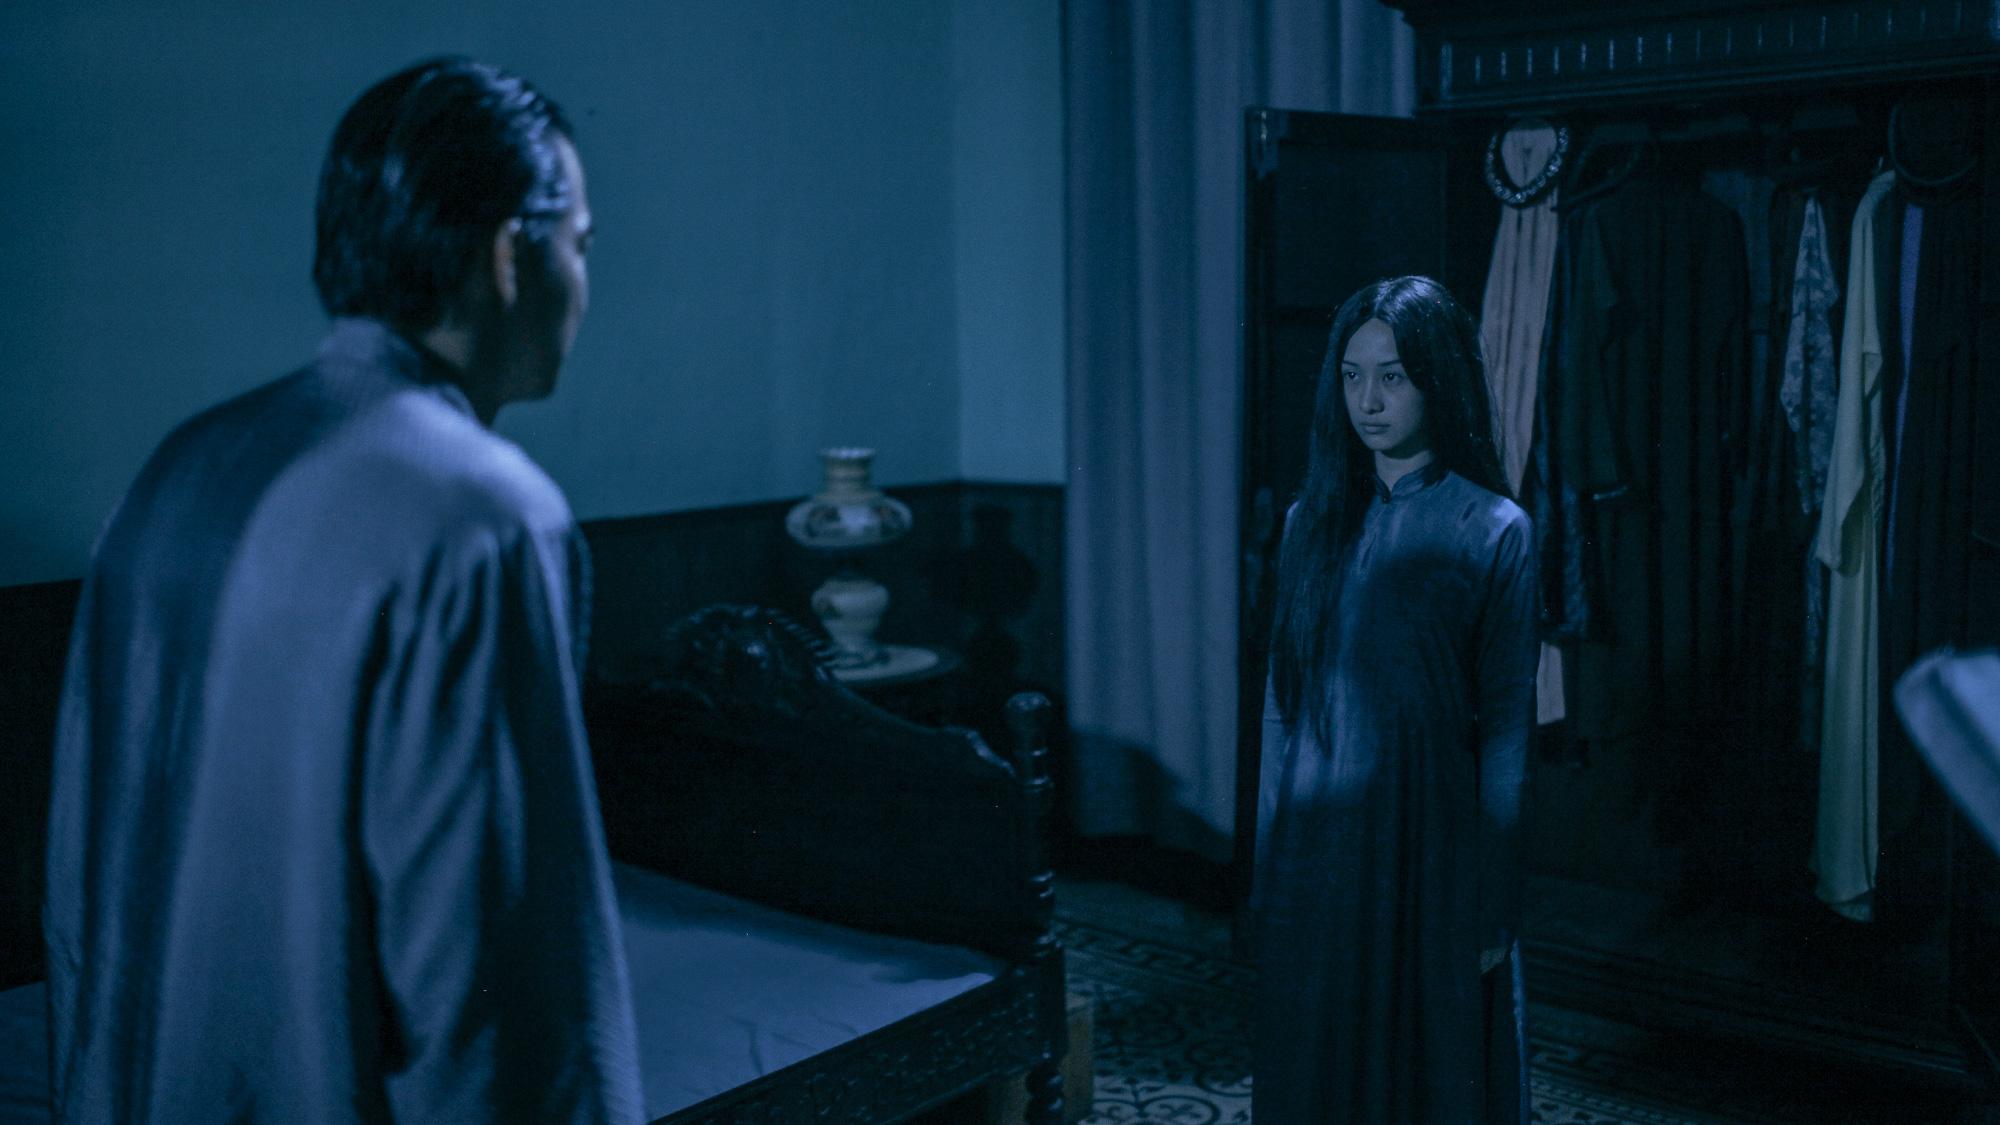 'Hết hồn' khi thấyJun Vũ bất động trước gương như một bóng ma 9